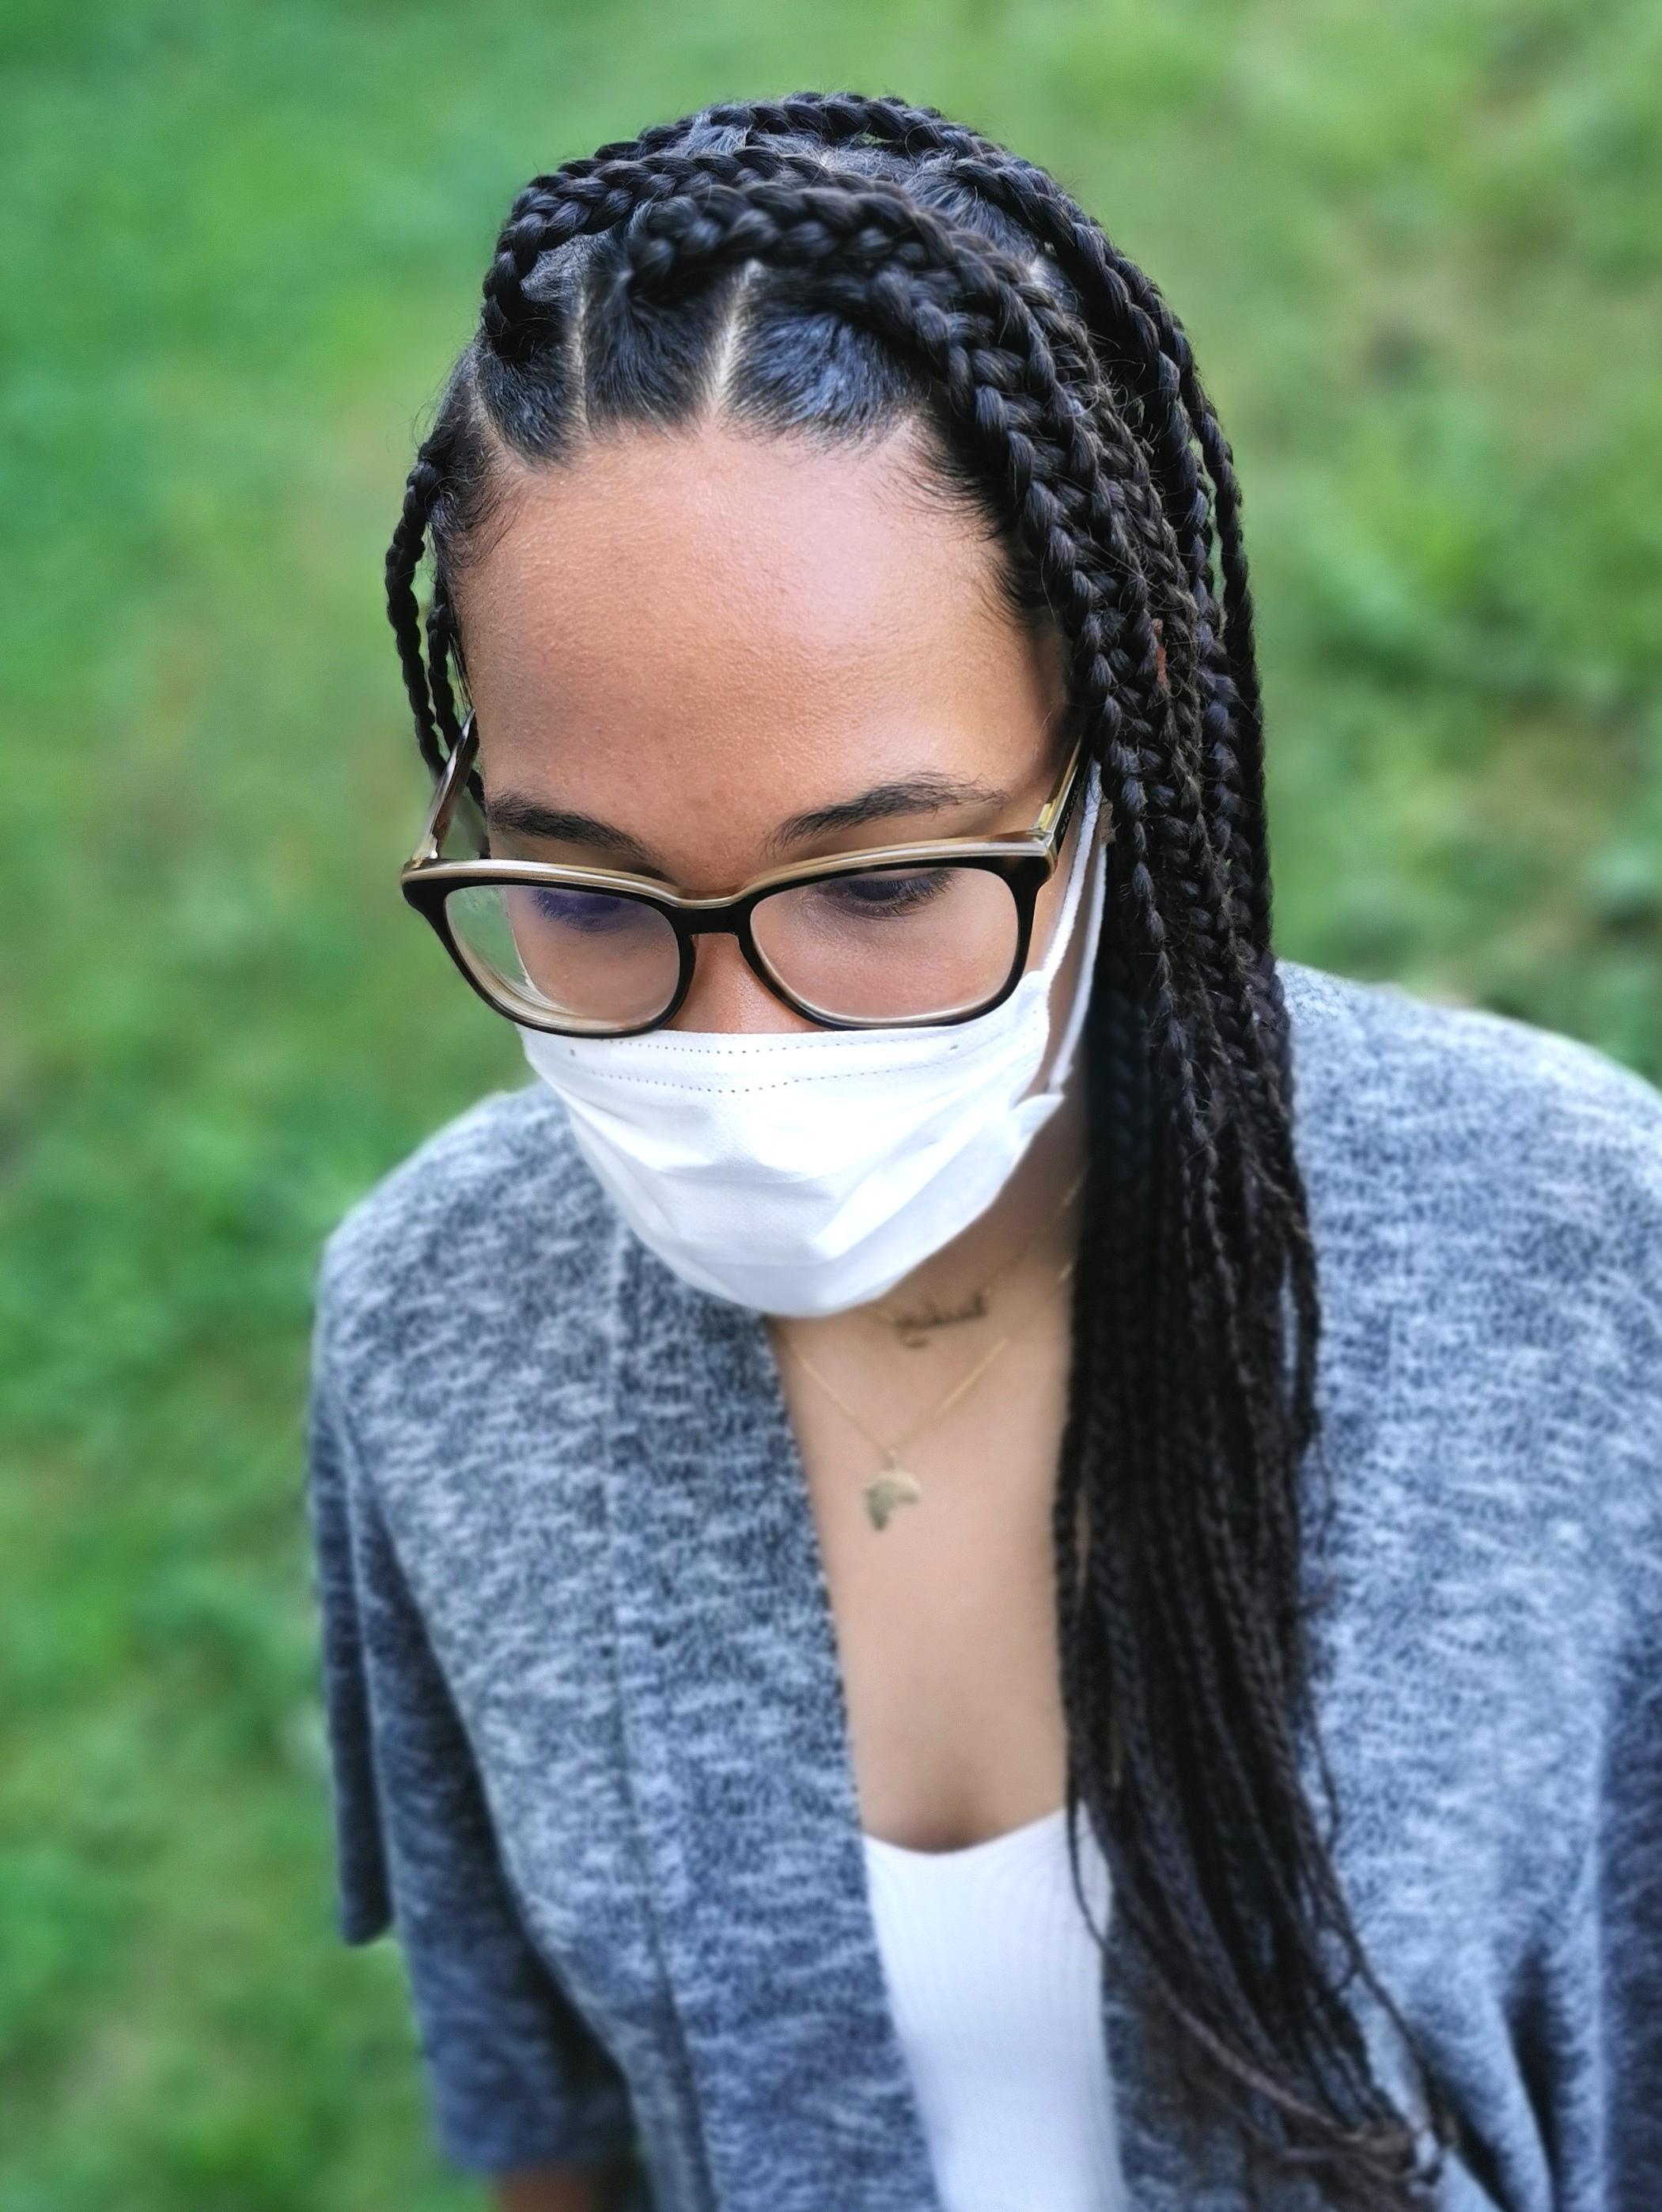 salon de coiffure afro tresse tresses box braids crochet braids vanilles tissages paris 75 77 78 91 92 93 94 95 NURAJPNO